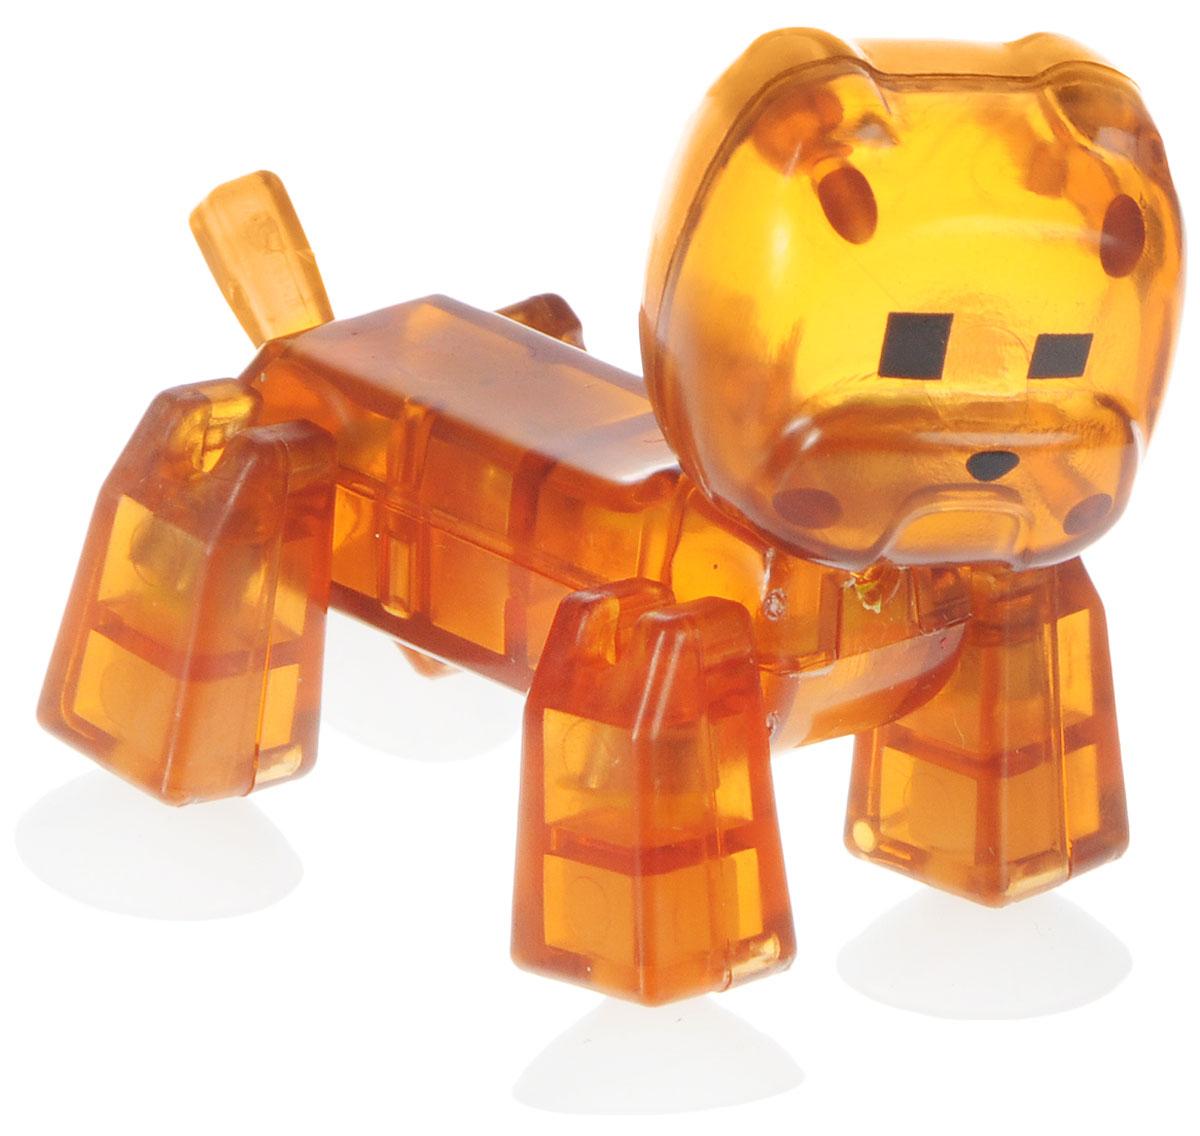 Stikbot Фигурка Питомцы Бульдог коричневый stikbot фигурка питомцы бульдог красный